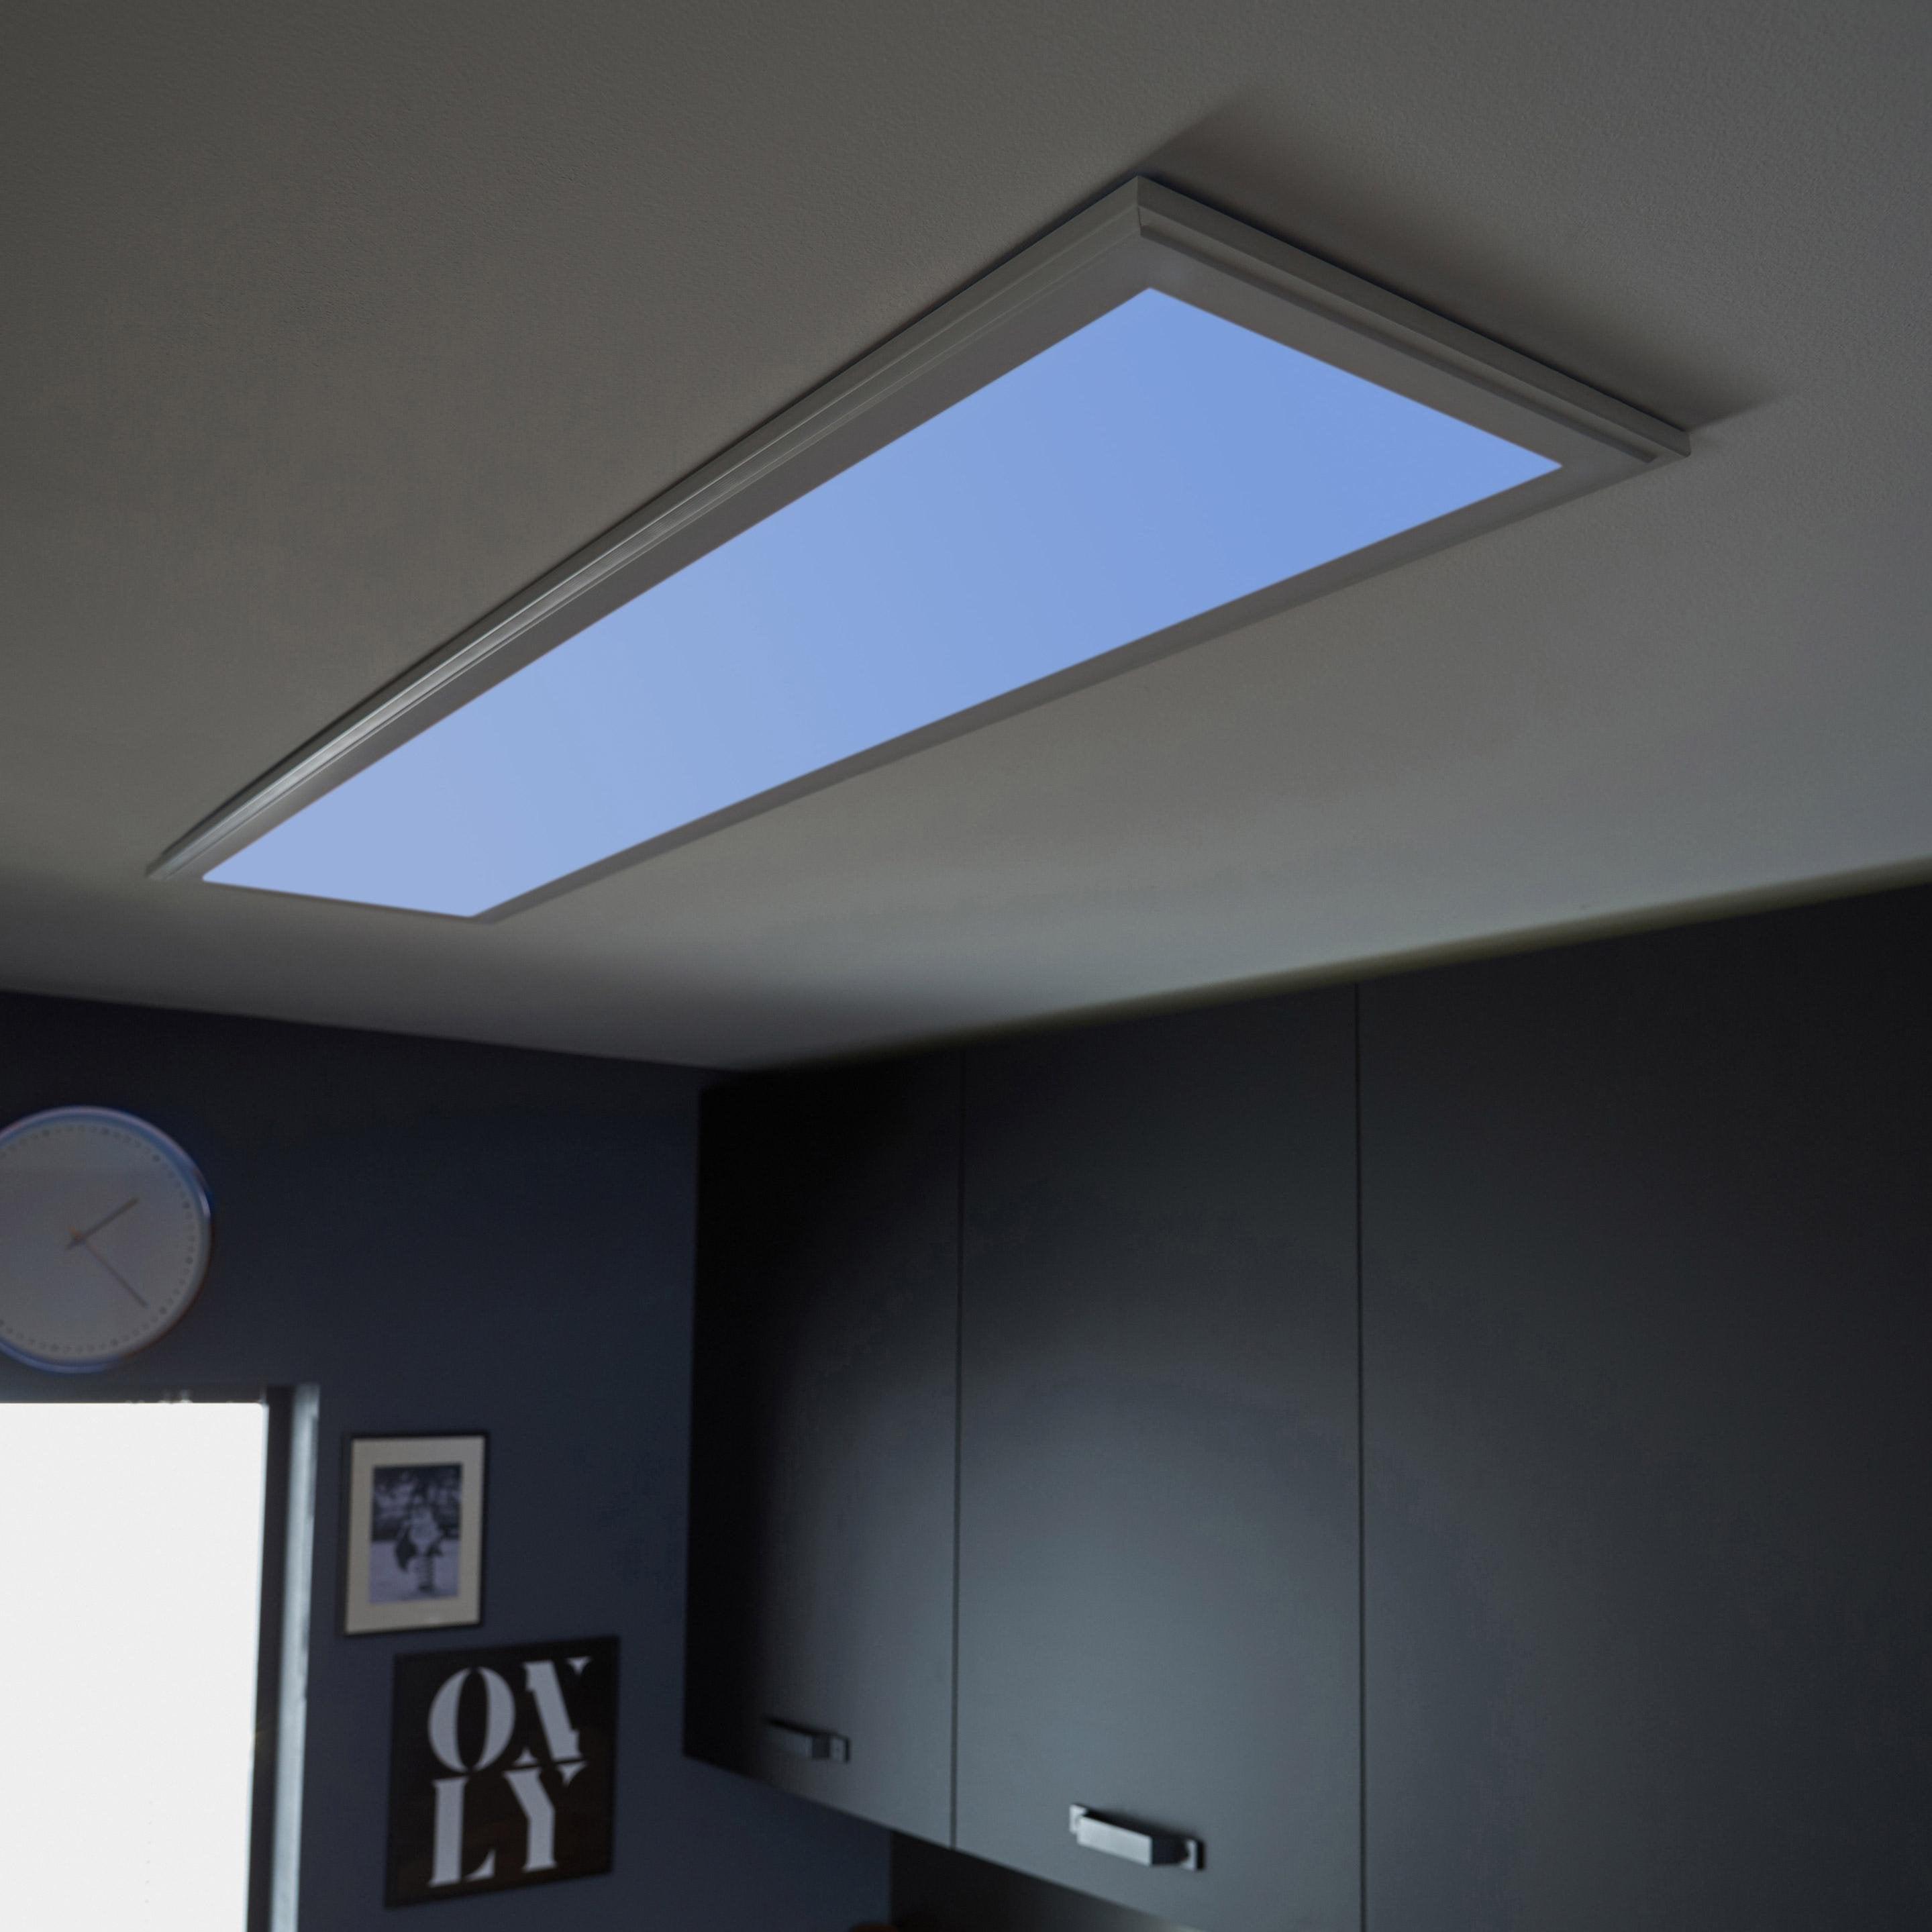 Led plafonnier changeant changement de couleur lustre lampe lumi/ère lumi/ère plafond led ampoules et t/él/écommande 32 cm